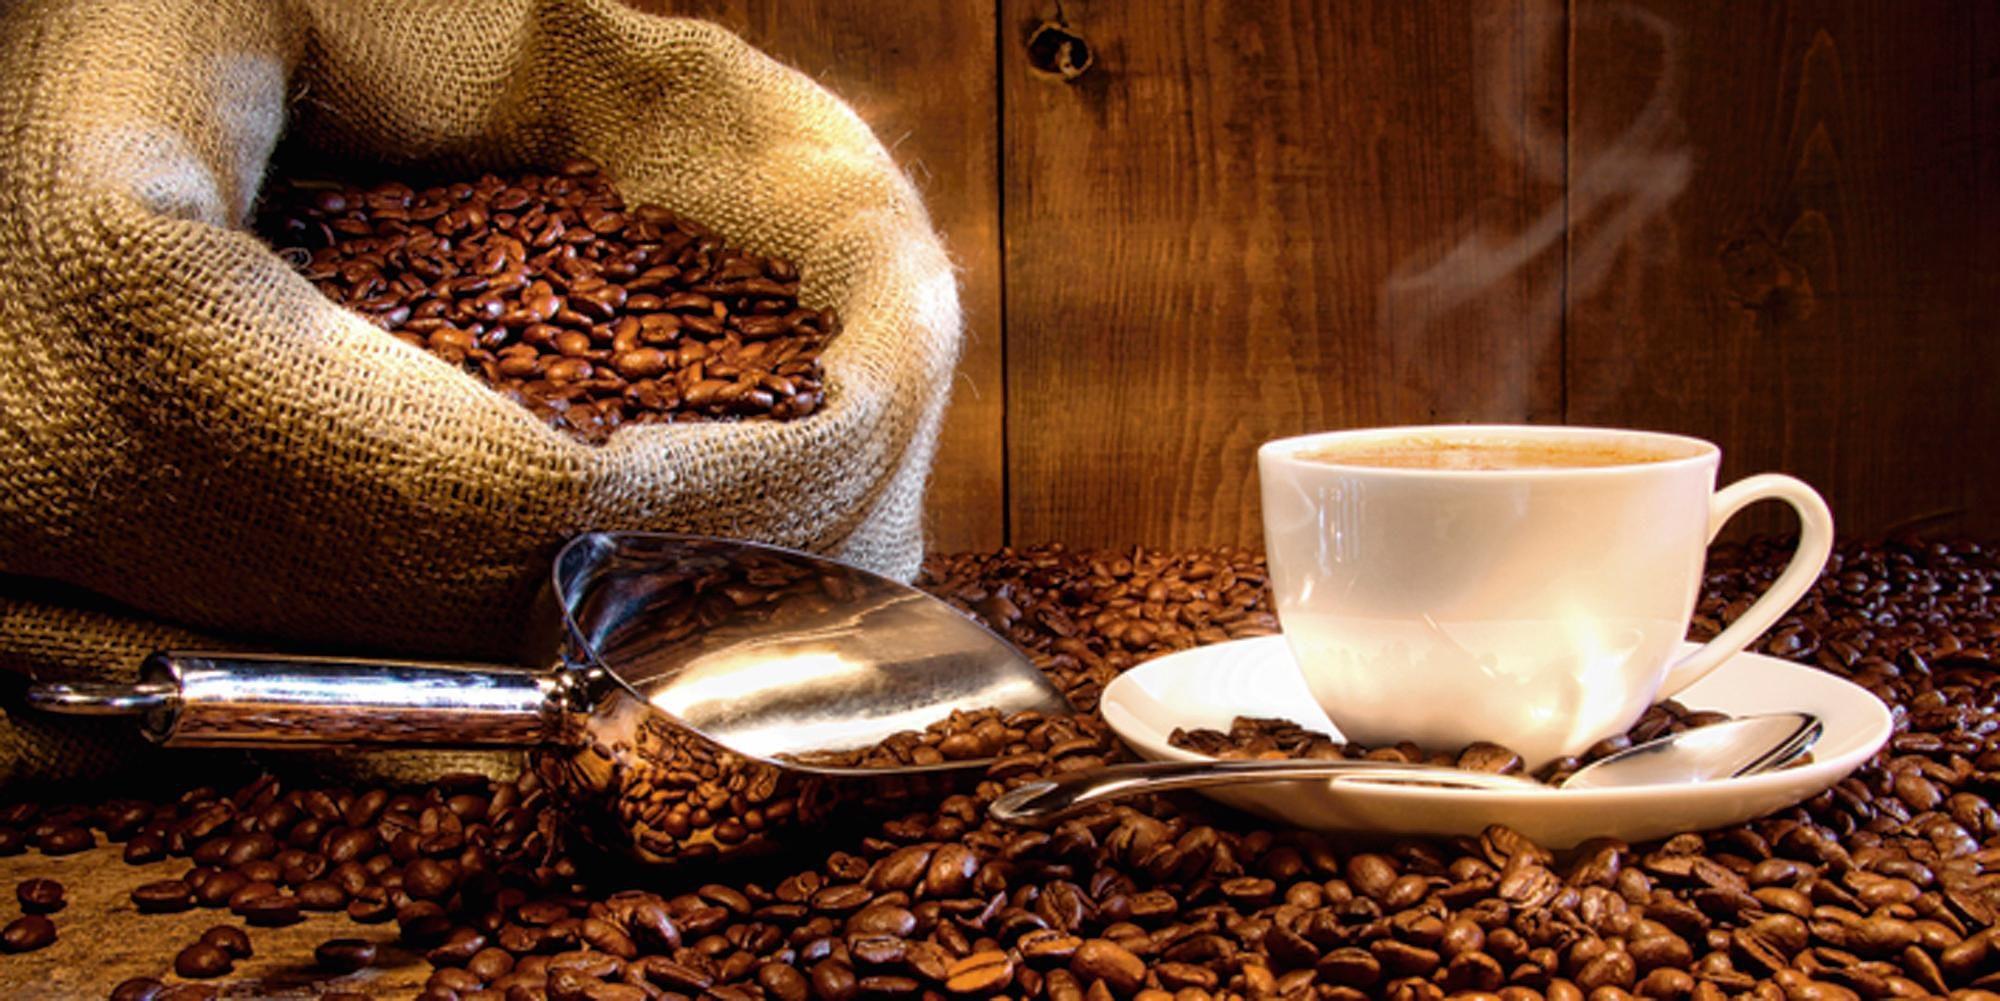 Home affaire Glasbild »S. Cunningham: Kaffeetasse und Leinensack mit Kaffeebohnen«, Kaffee, 60/30 cm